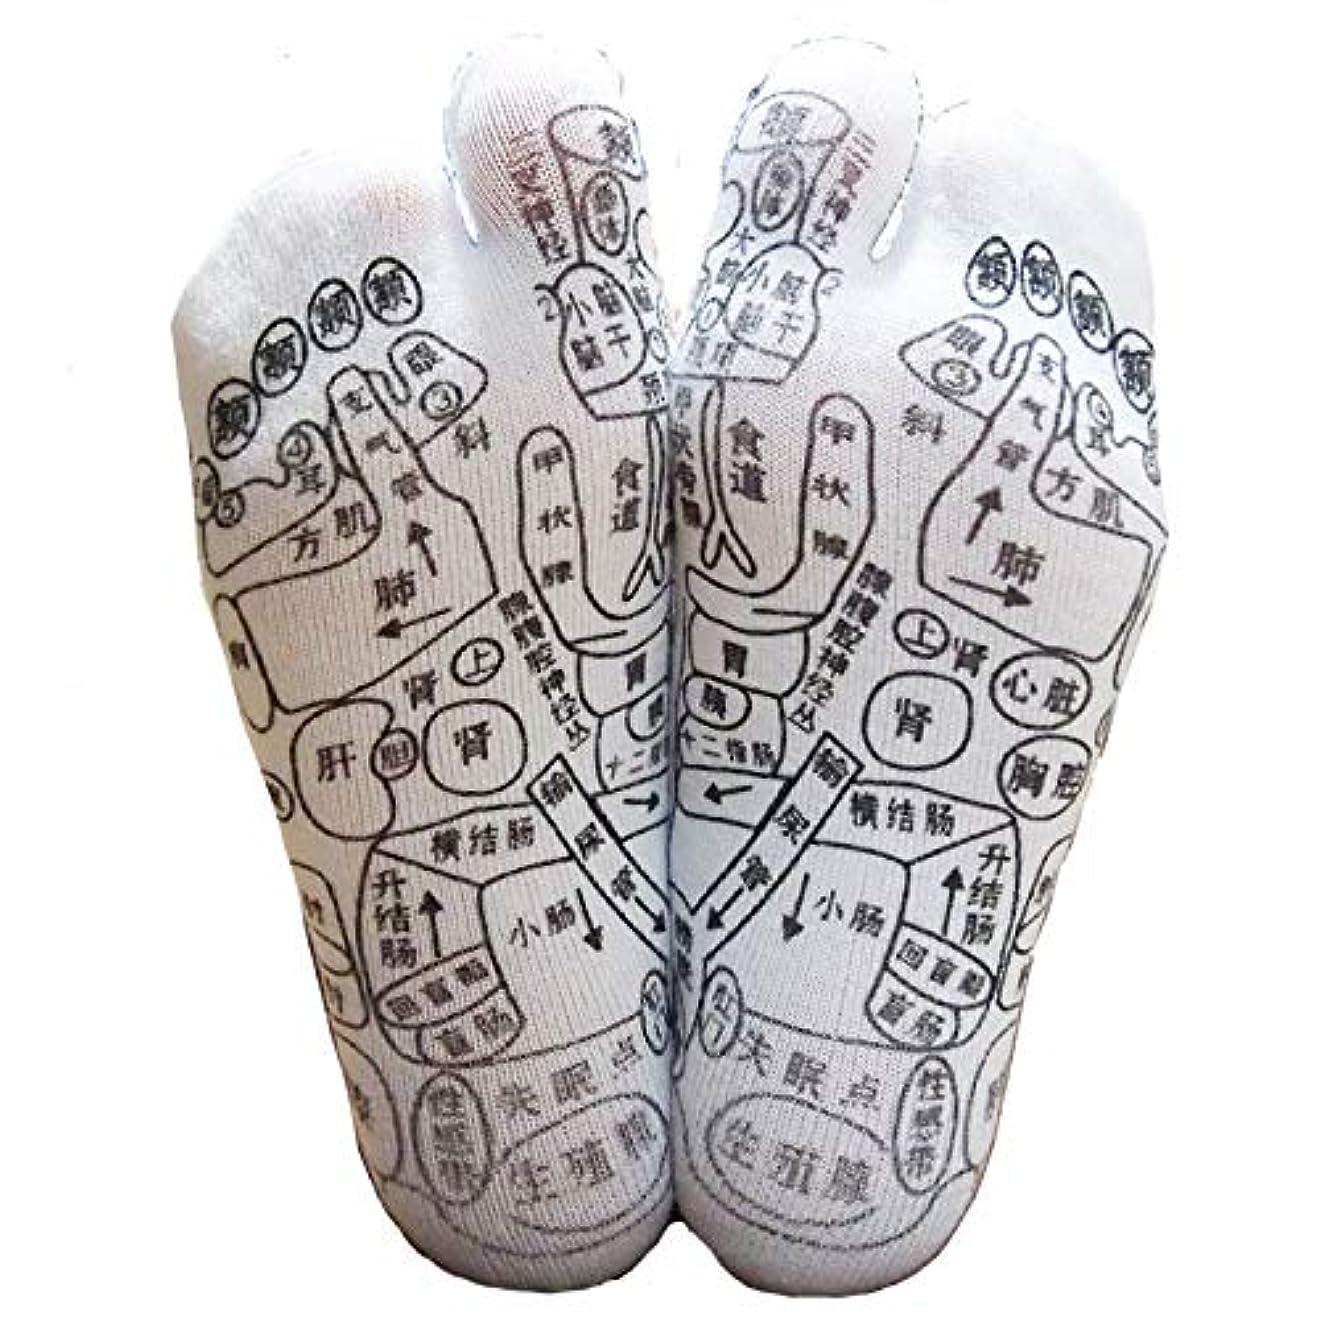 世界に死んだ協力的セメント足っほ靴下 足裏つぼ靴下 足ツボソックス 反射区 プリント くつした ツボ押しやすい 22~26センチ 字は中国語